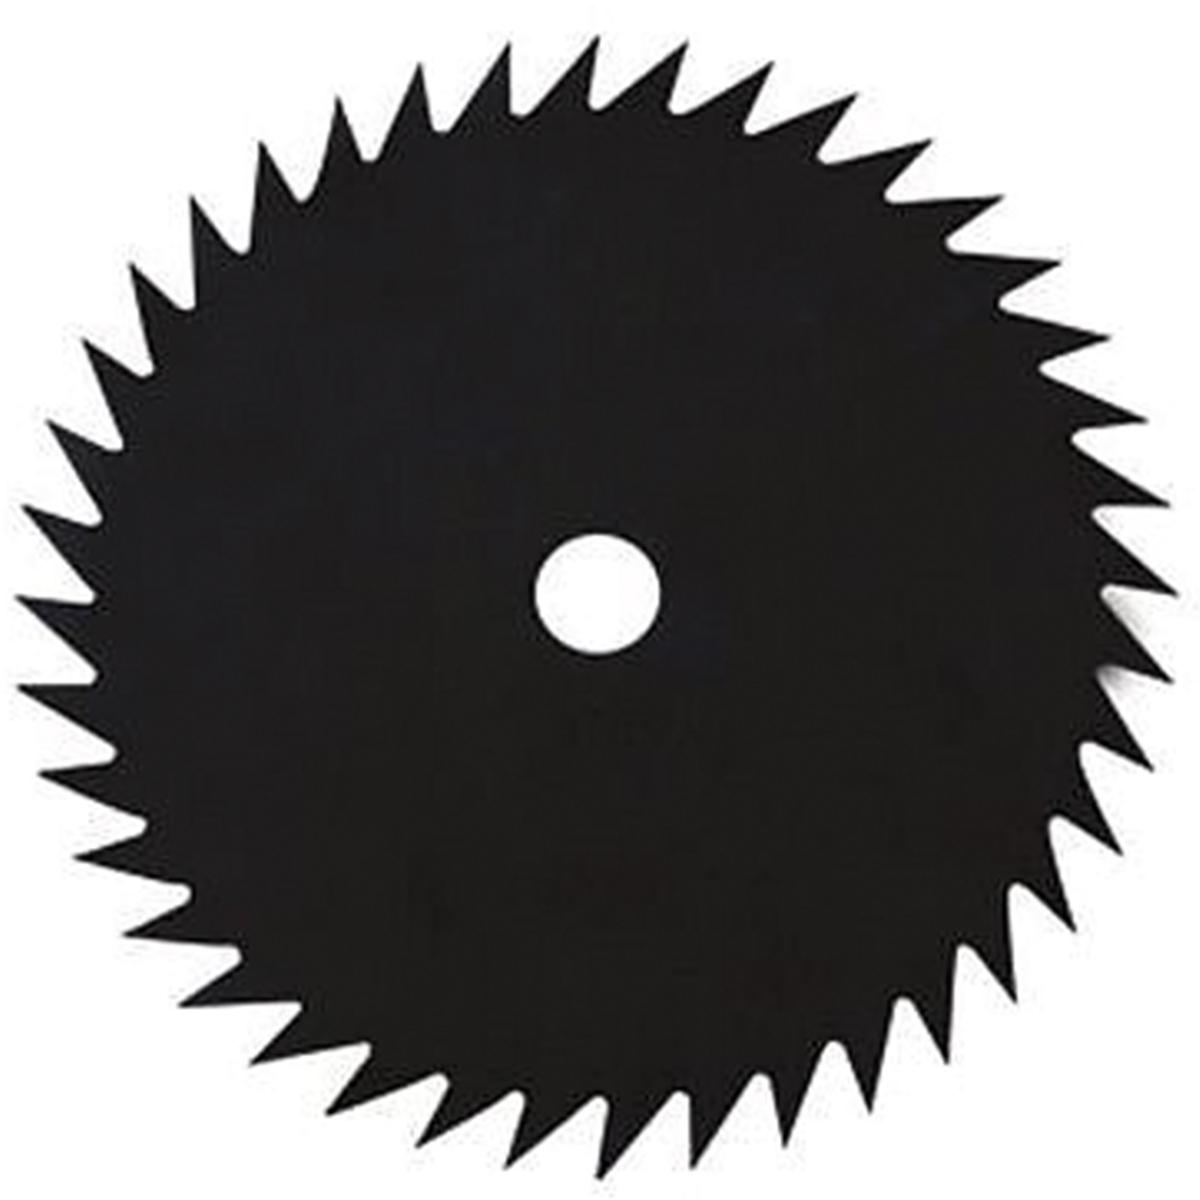 Нож для триммера Ставр НТ-250/40, диаметр 250 мм, толщина 1,6 ммст250-40Нож Ставр НТ-250/40 предназначен для триммеров и используется для кошения густой растительности, мелкого кустарника или веток.Диаметр диска: 250 мм. Толщина диска: 1,6 мм. Посадочный диаметр круга: 25,4 мм.